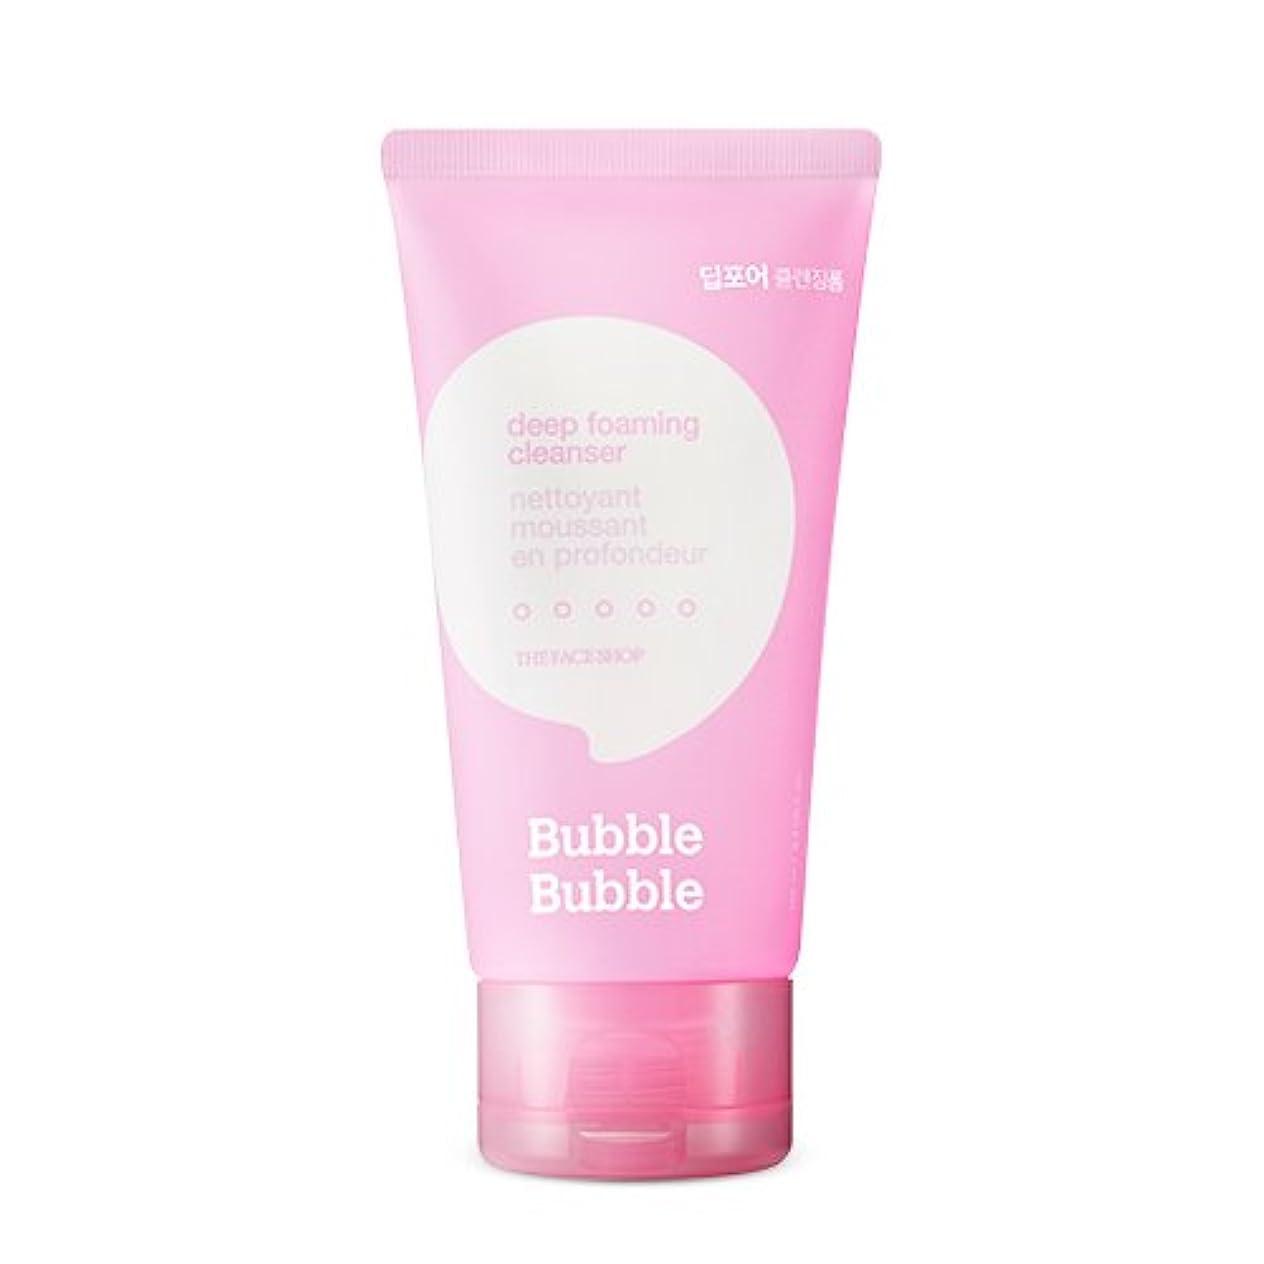 呪われた社会科勢いTHE FACE SHOP Bubble Bubble Foaming Cleanser 100ml/ザフェイスショップ バブル バブル フォーミング クレンザー 100ml (#Deep(ディープポア)) [並行輸入品]